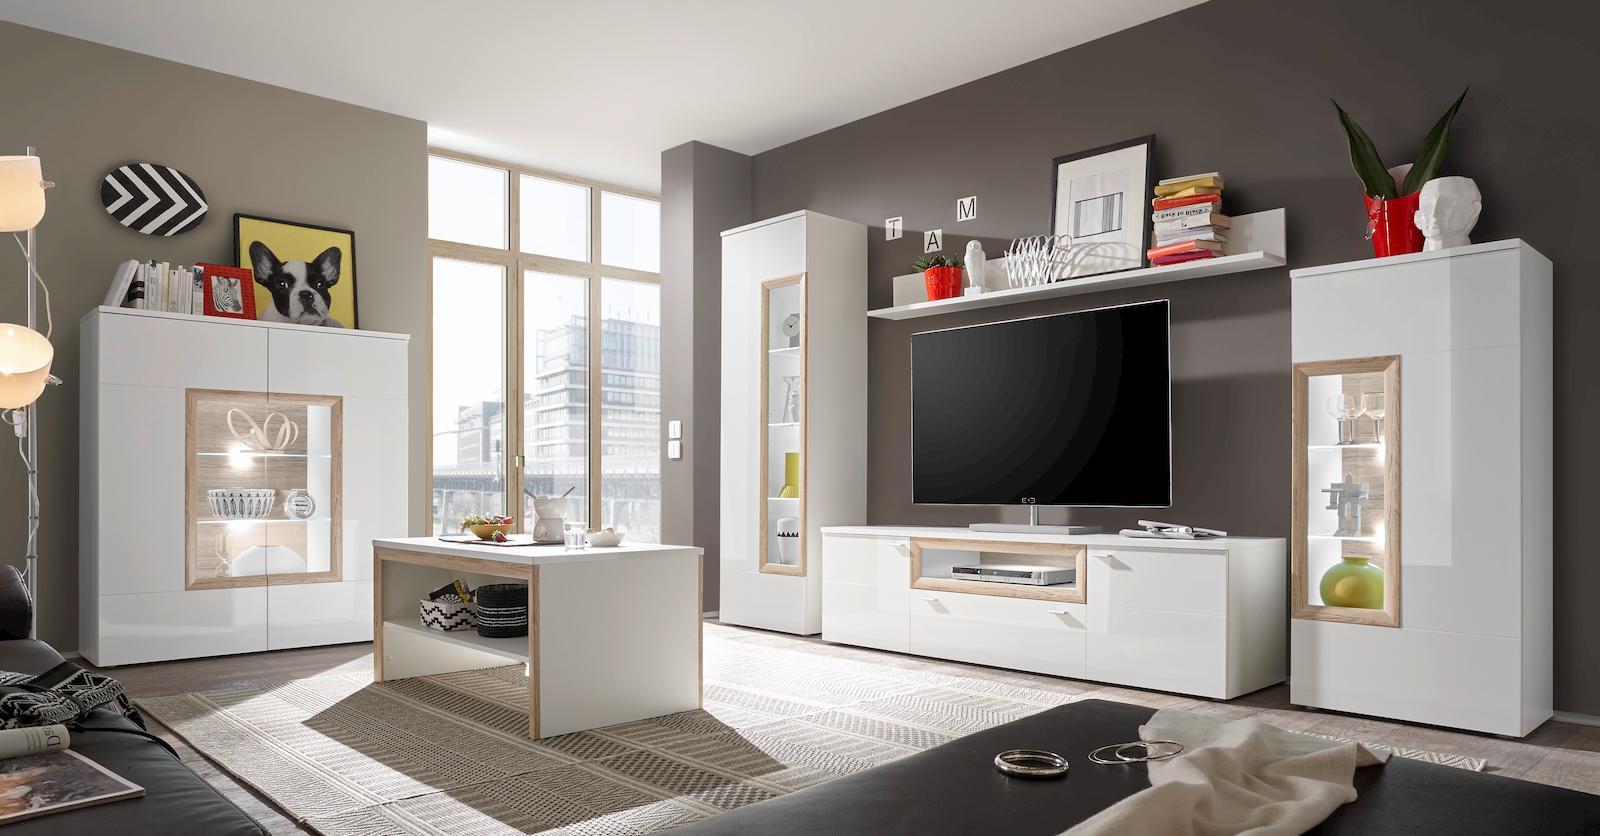 Ikea Wohnzimmer Aktion Wandtattoo Schlafzimmer Traume Hulsta Fena